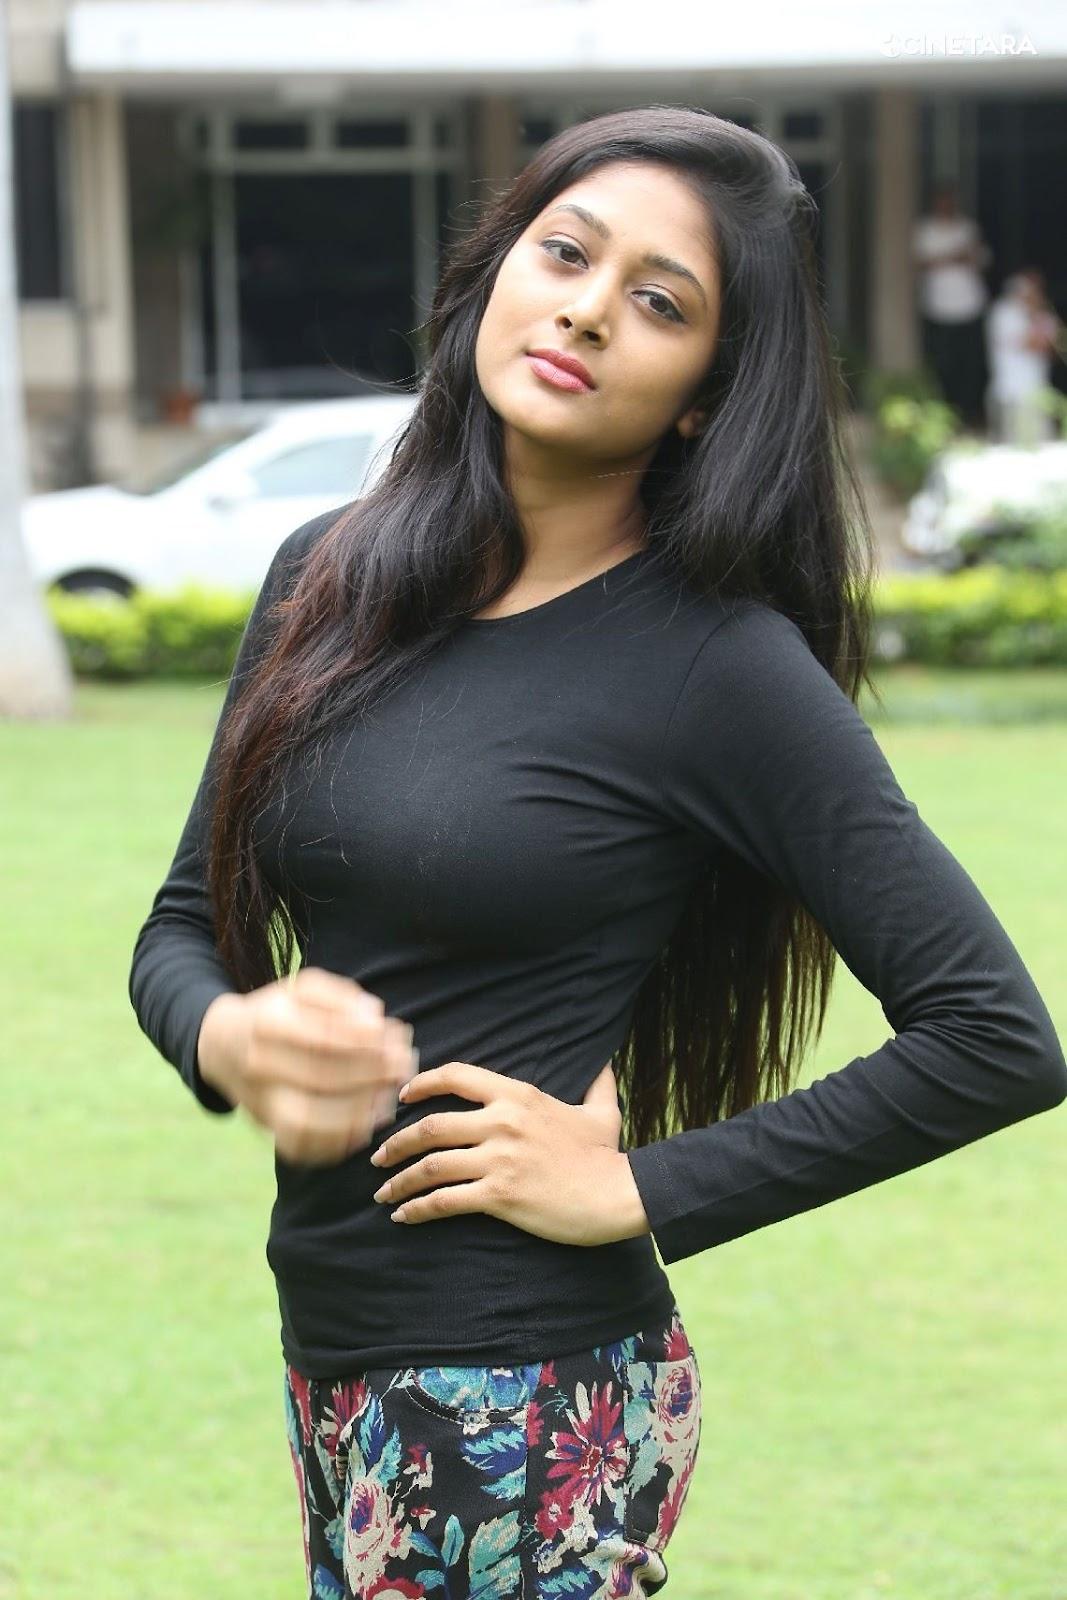 Sushma Raj Actress So Spicy Pics In Black Dress - Cinebulkblogspotcom-6318